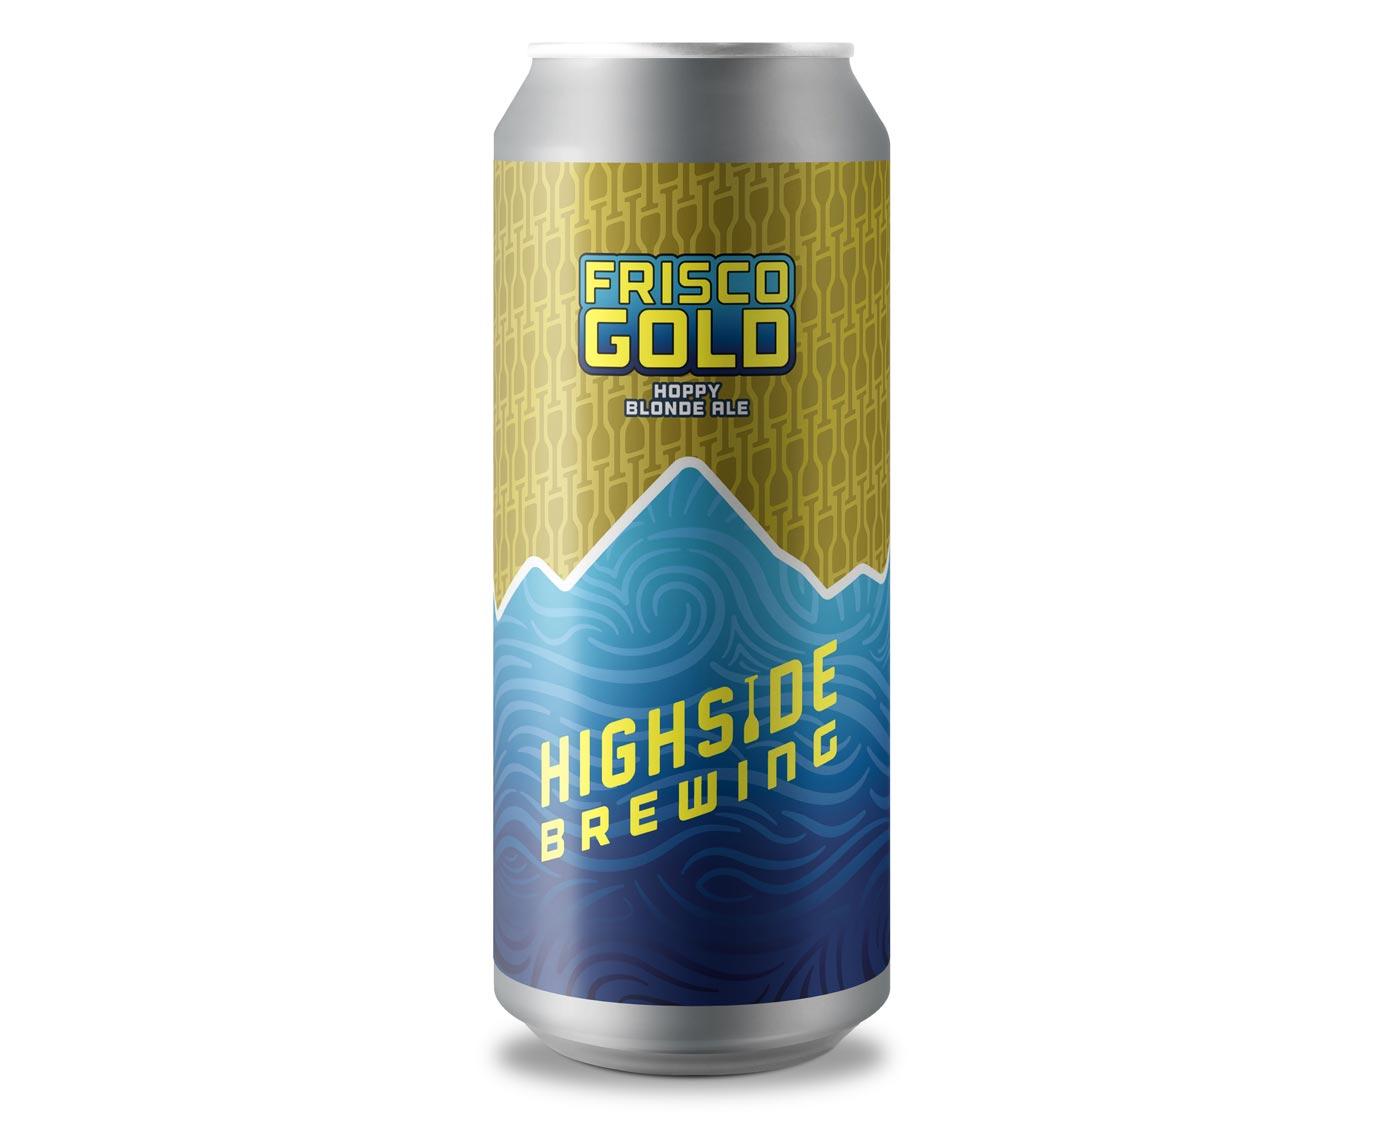 Frisco Gold